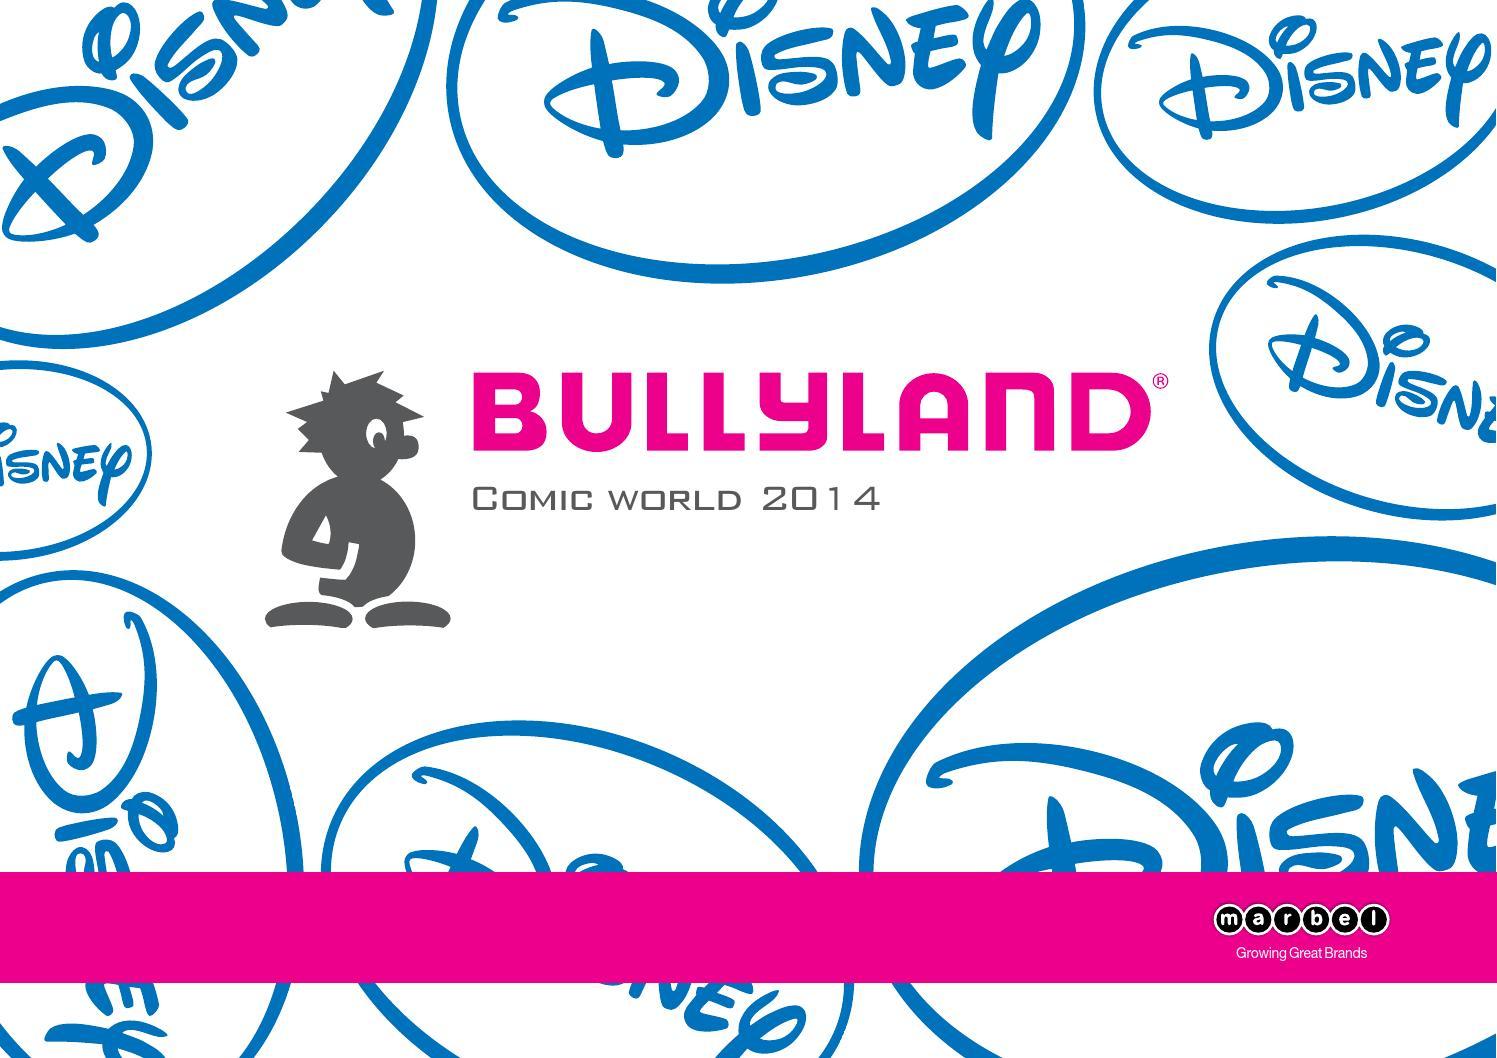 Bullyland BUL-12763 Bullseye